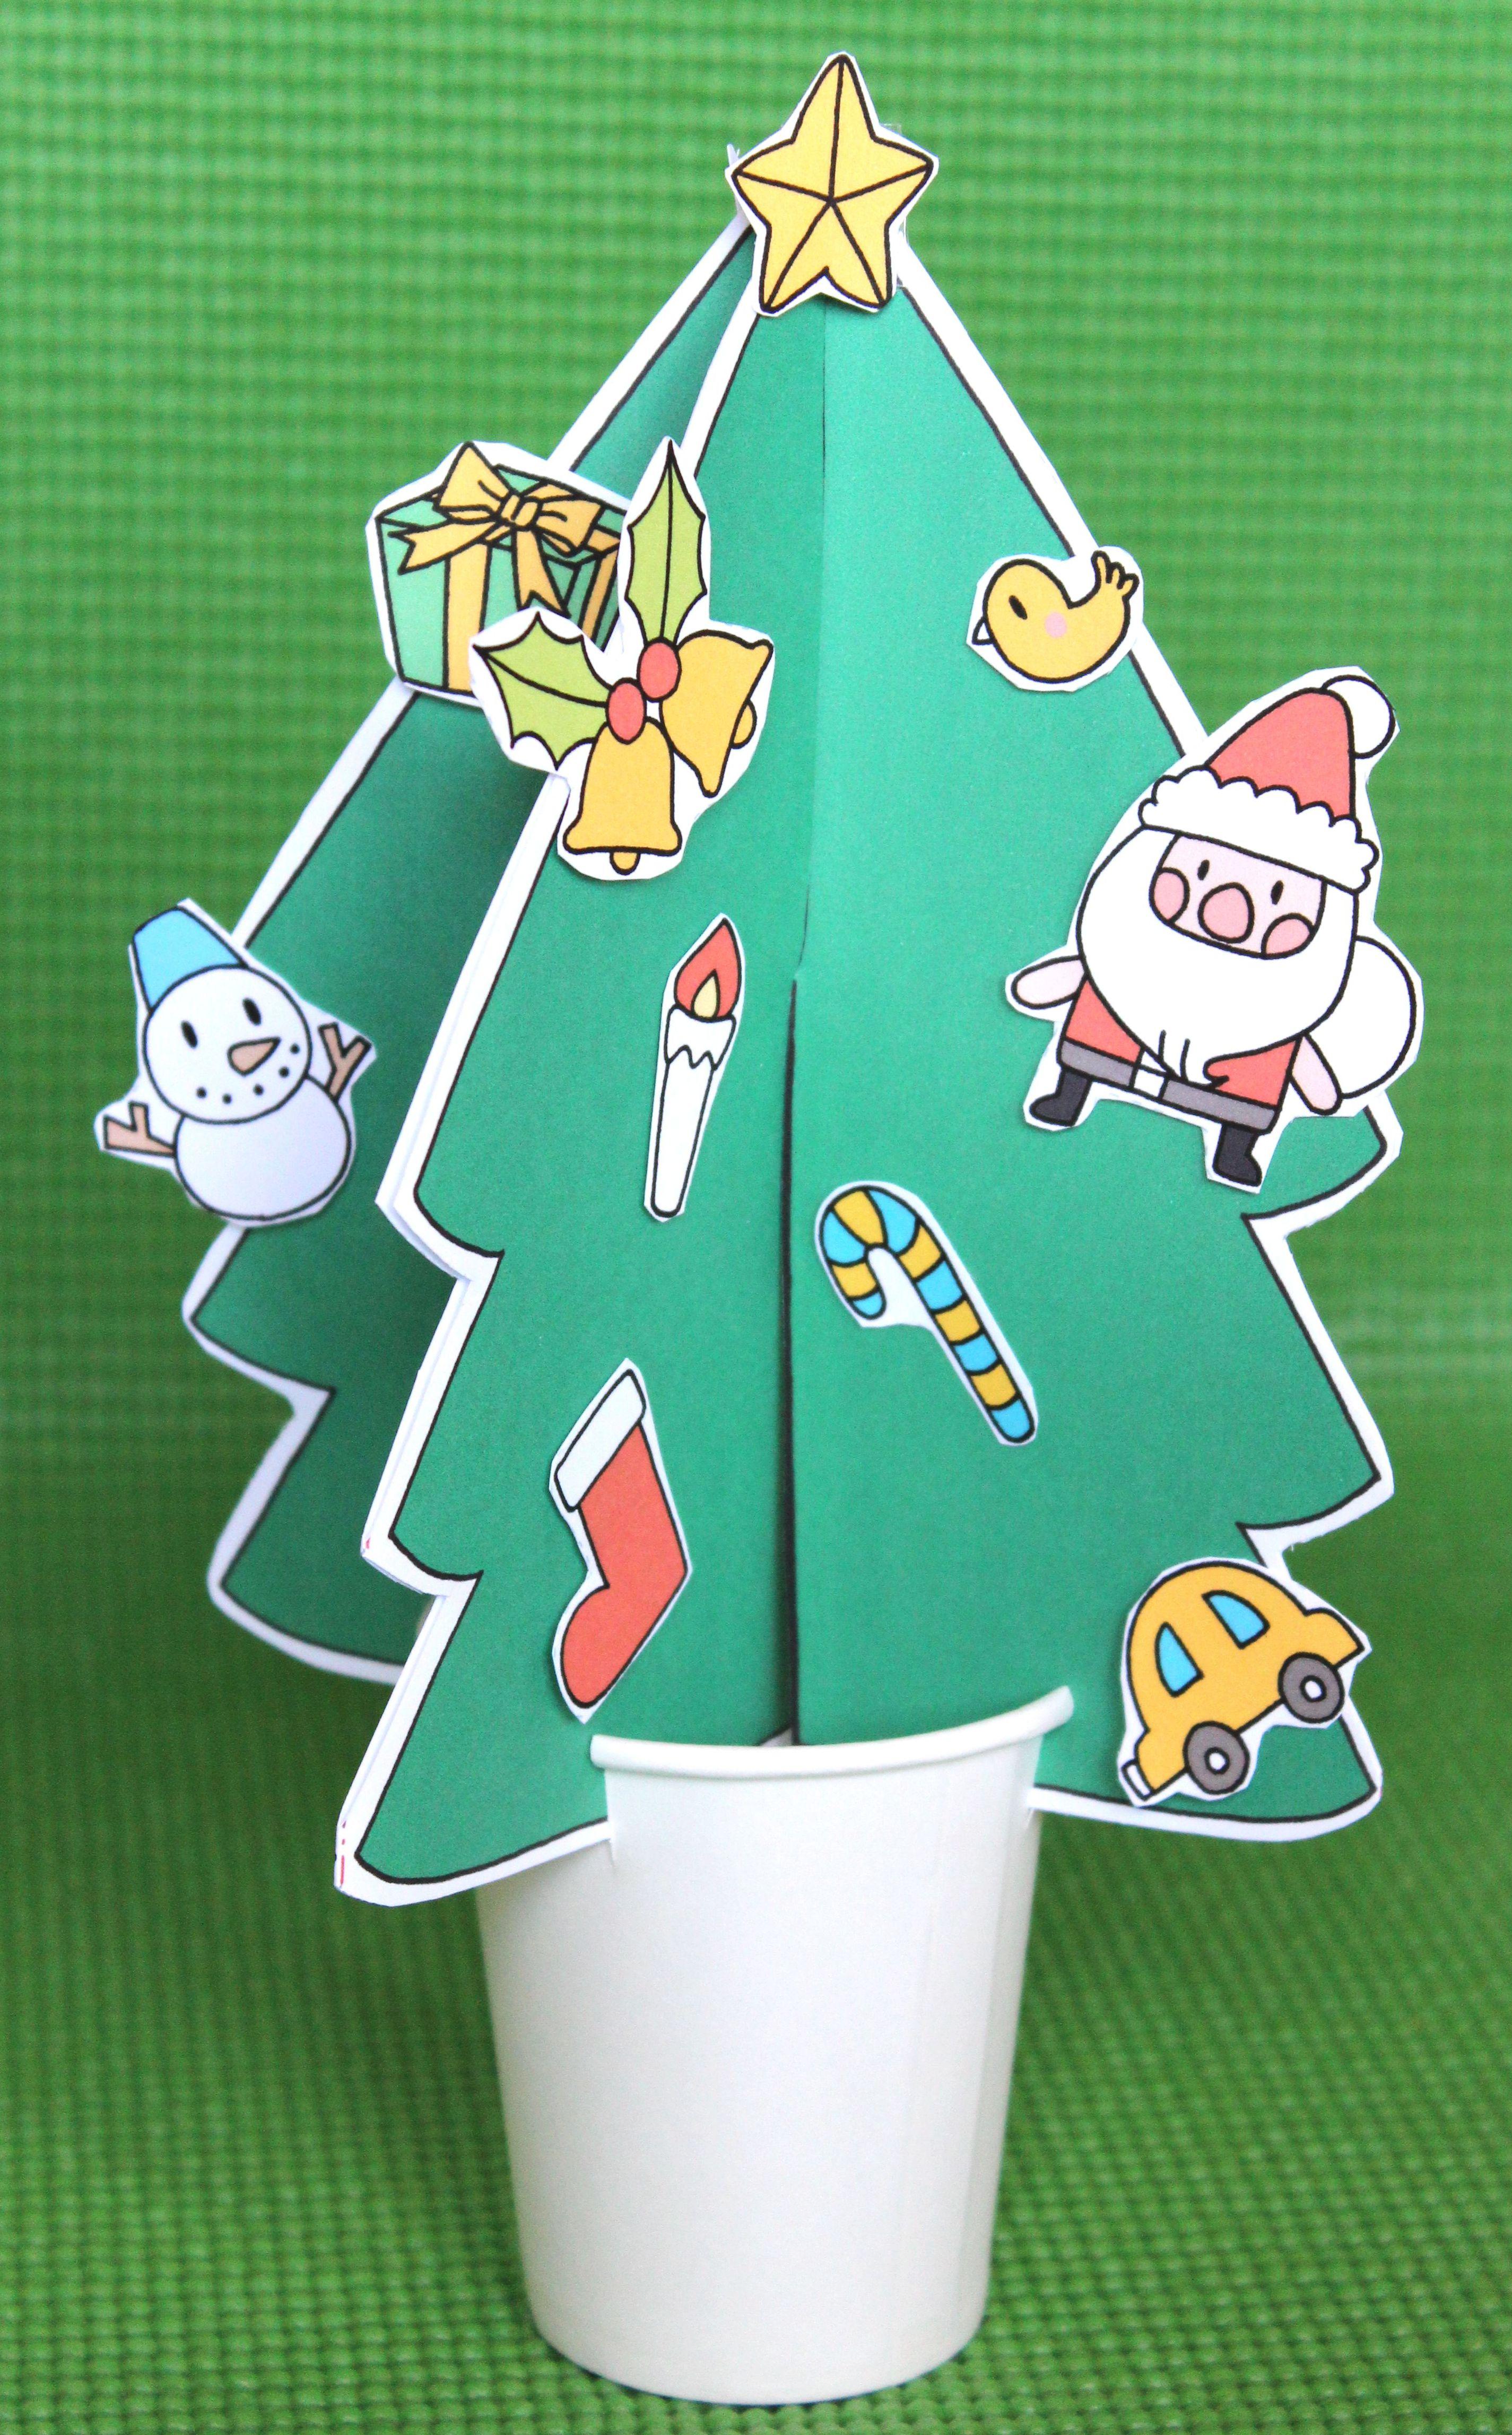 すべての講義 子ども工作簡単 : かわいいクリスマスツリーの ...